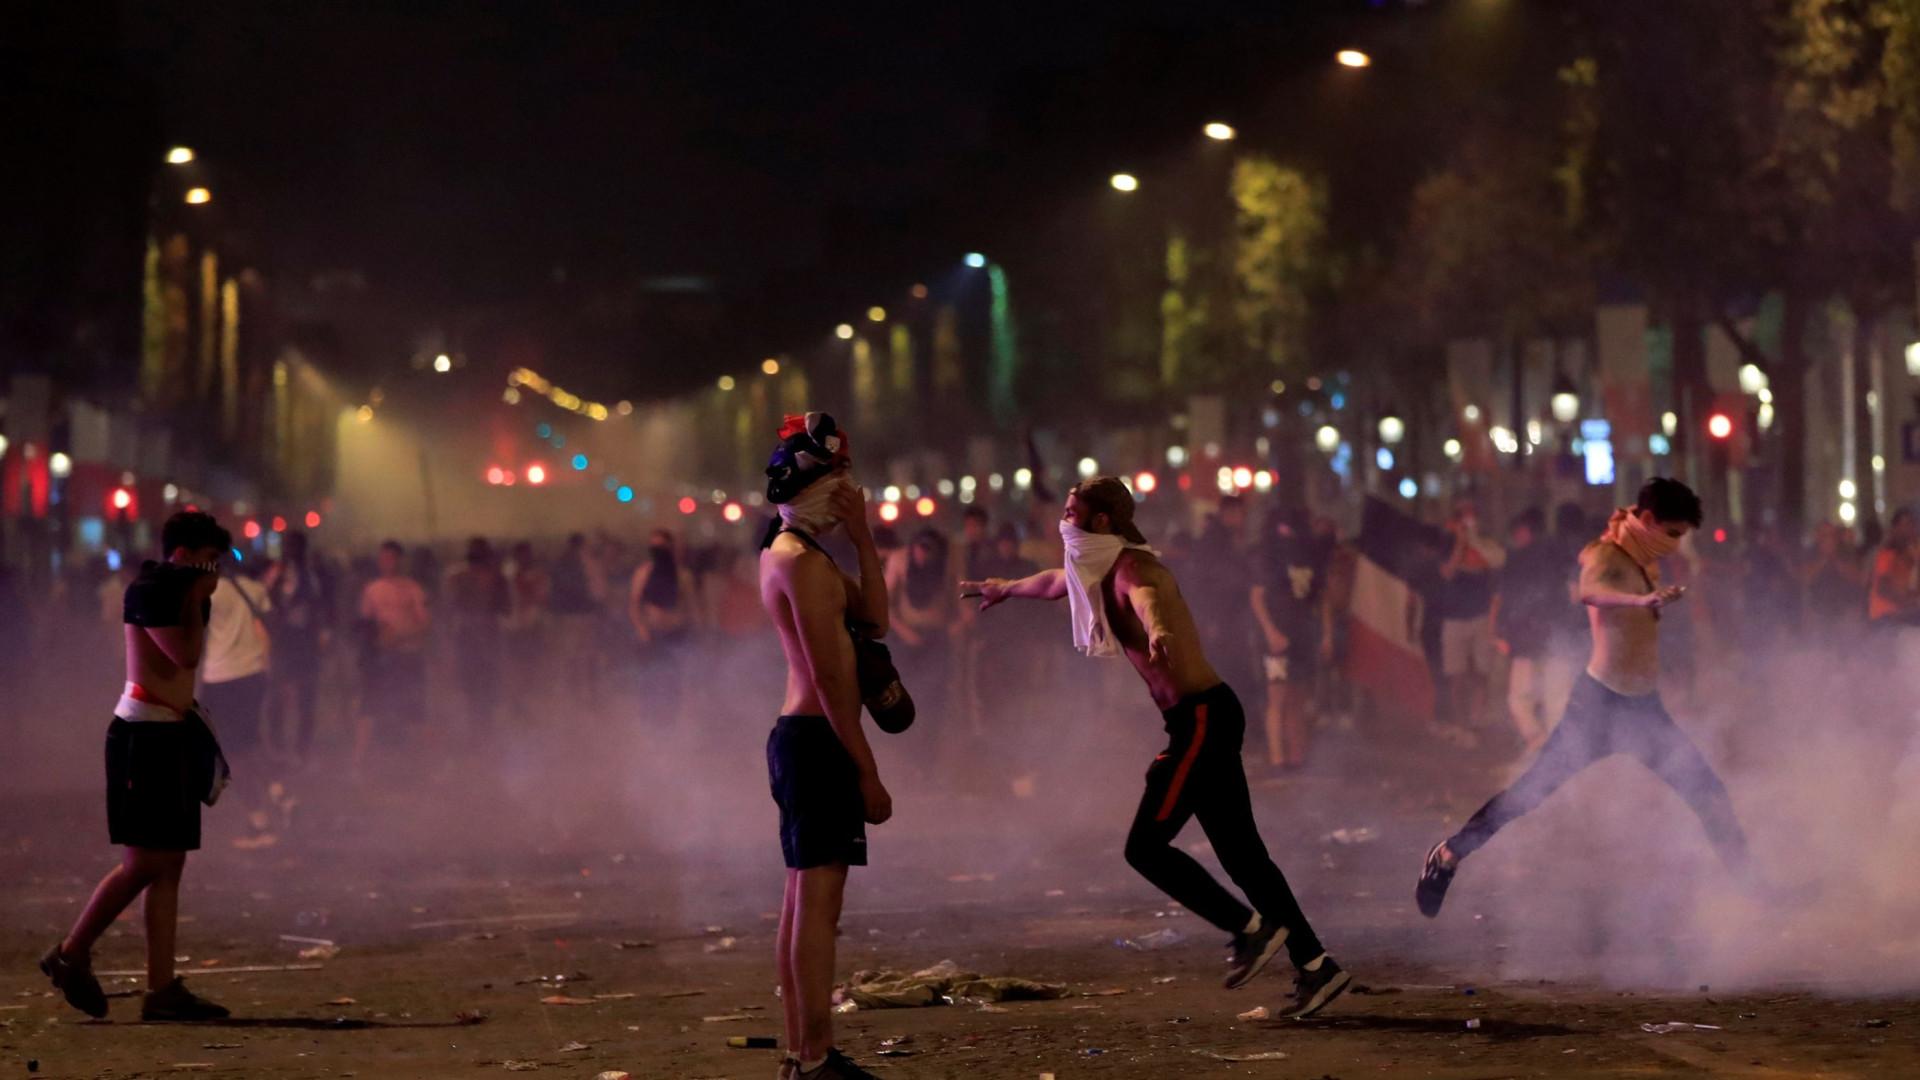 Adeptos franceses morreram nos festejos. Violência fechou Campos Elísios